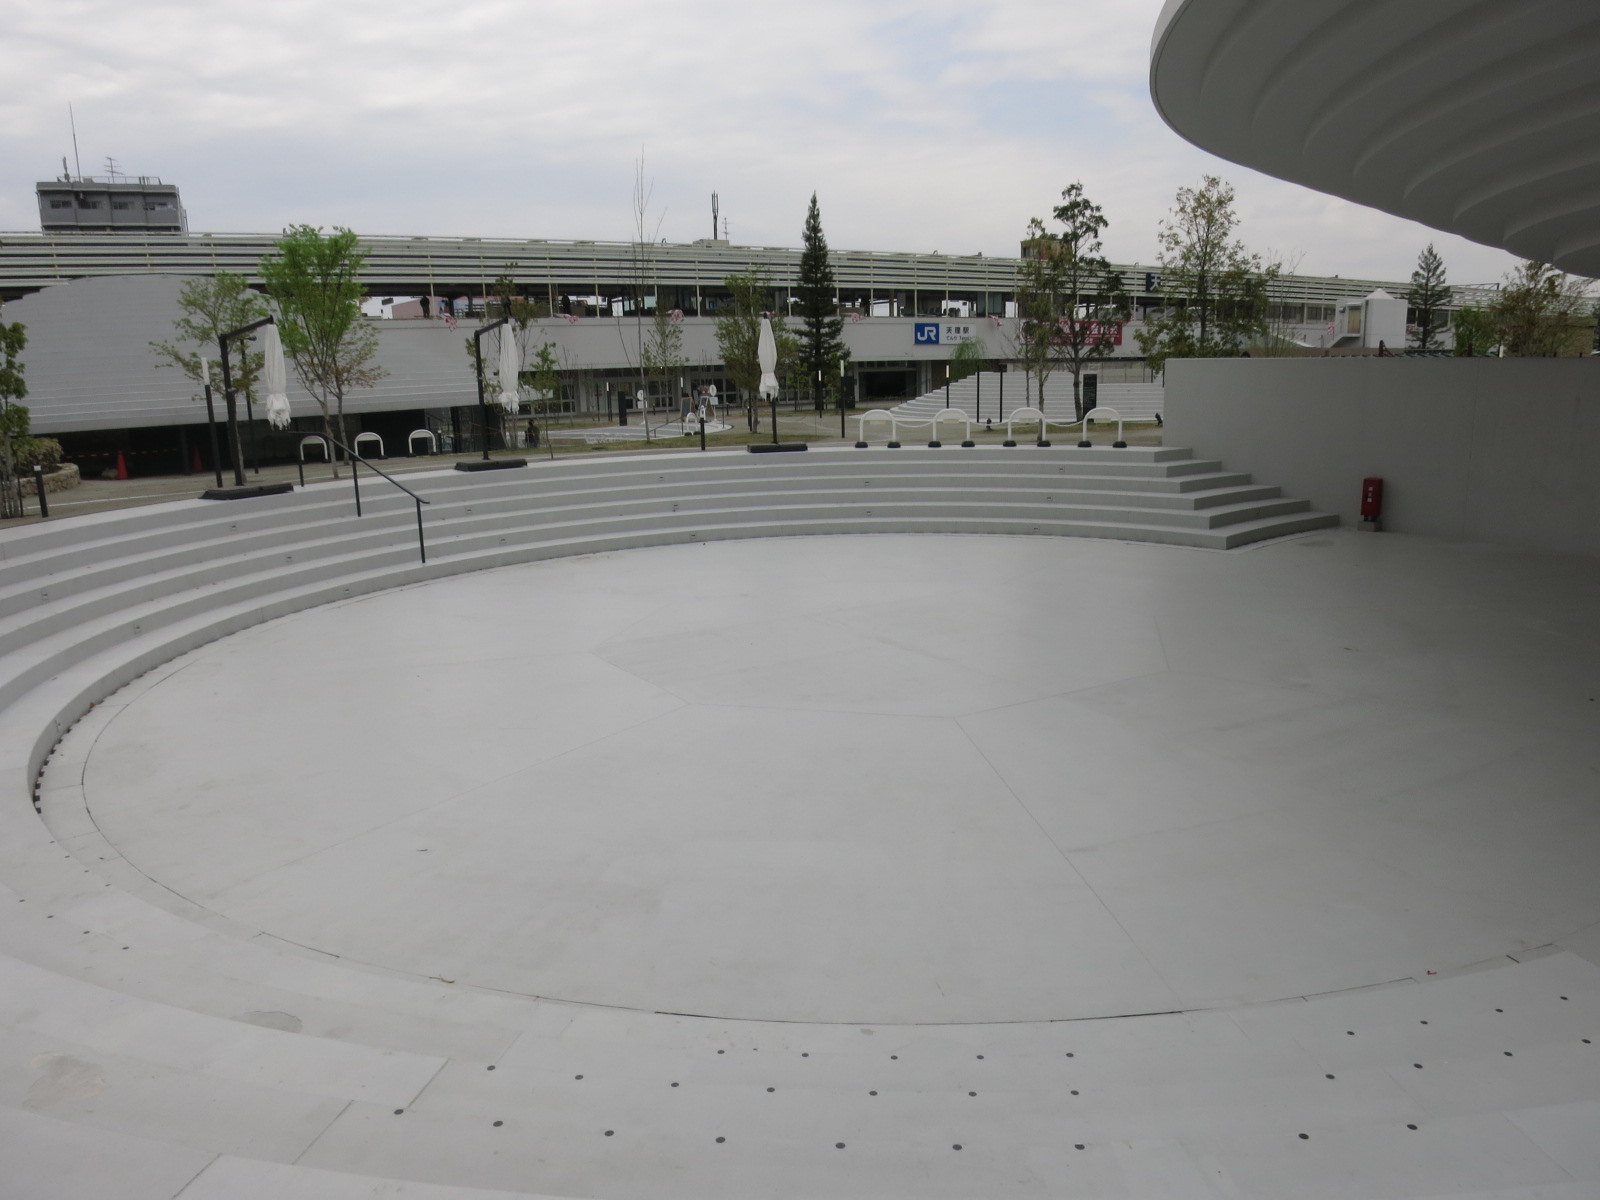 音楽や文化イベントのためのステージもありました。